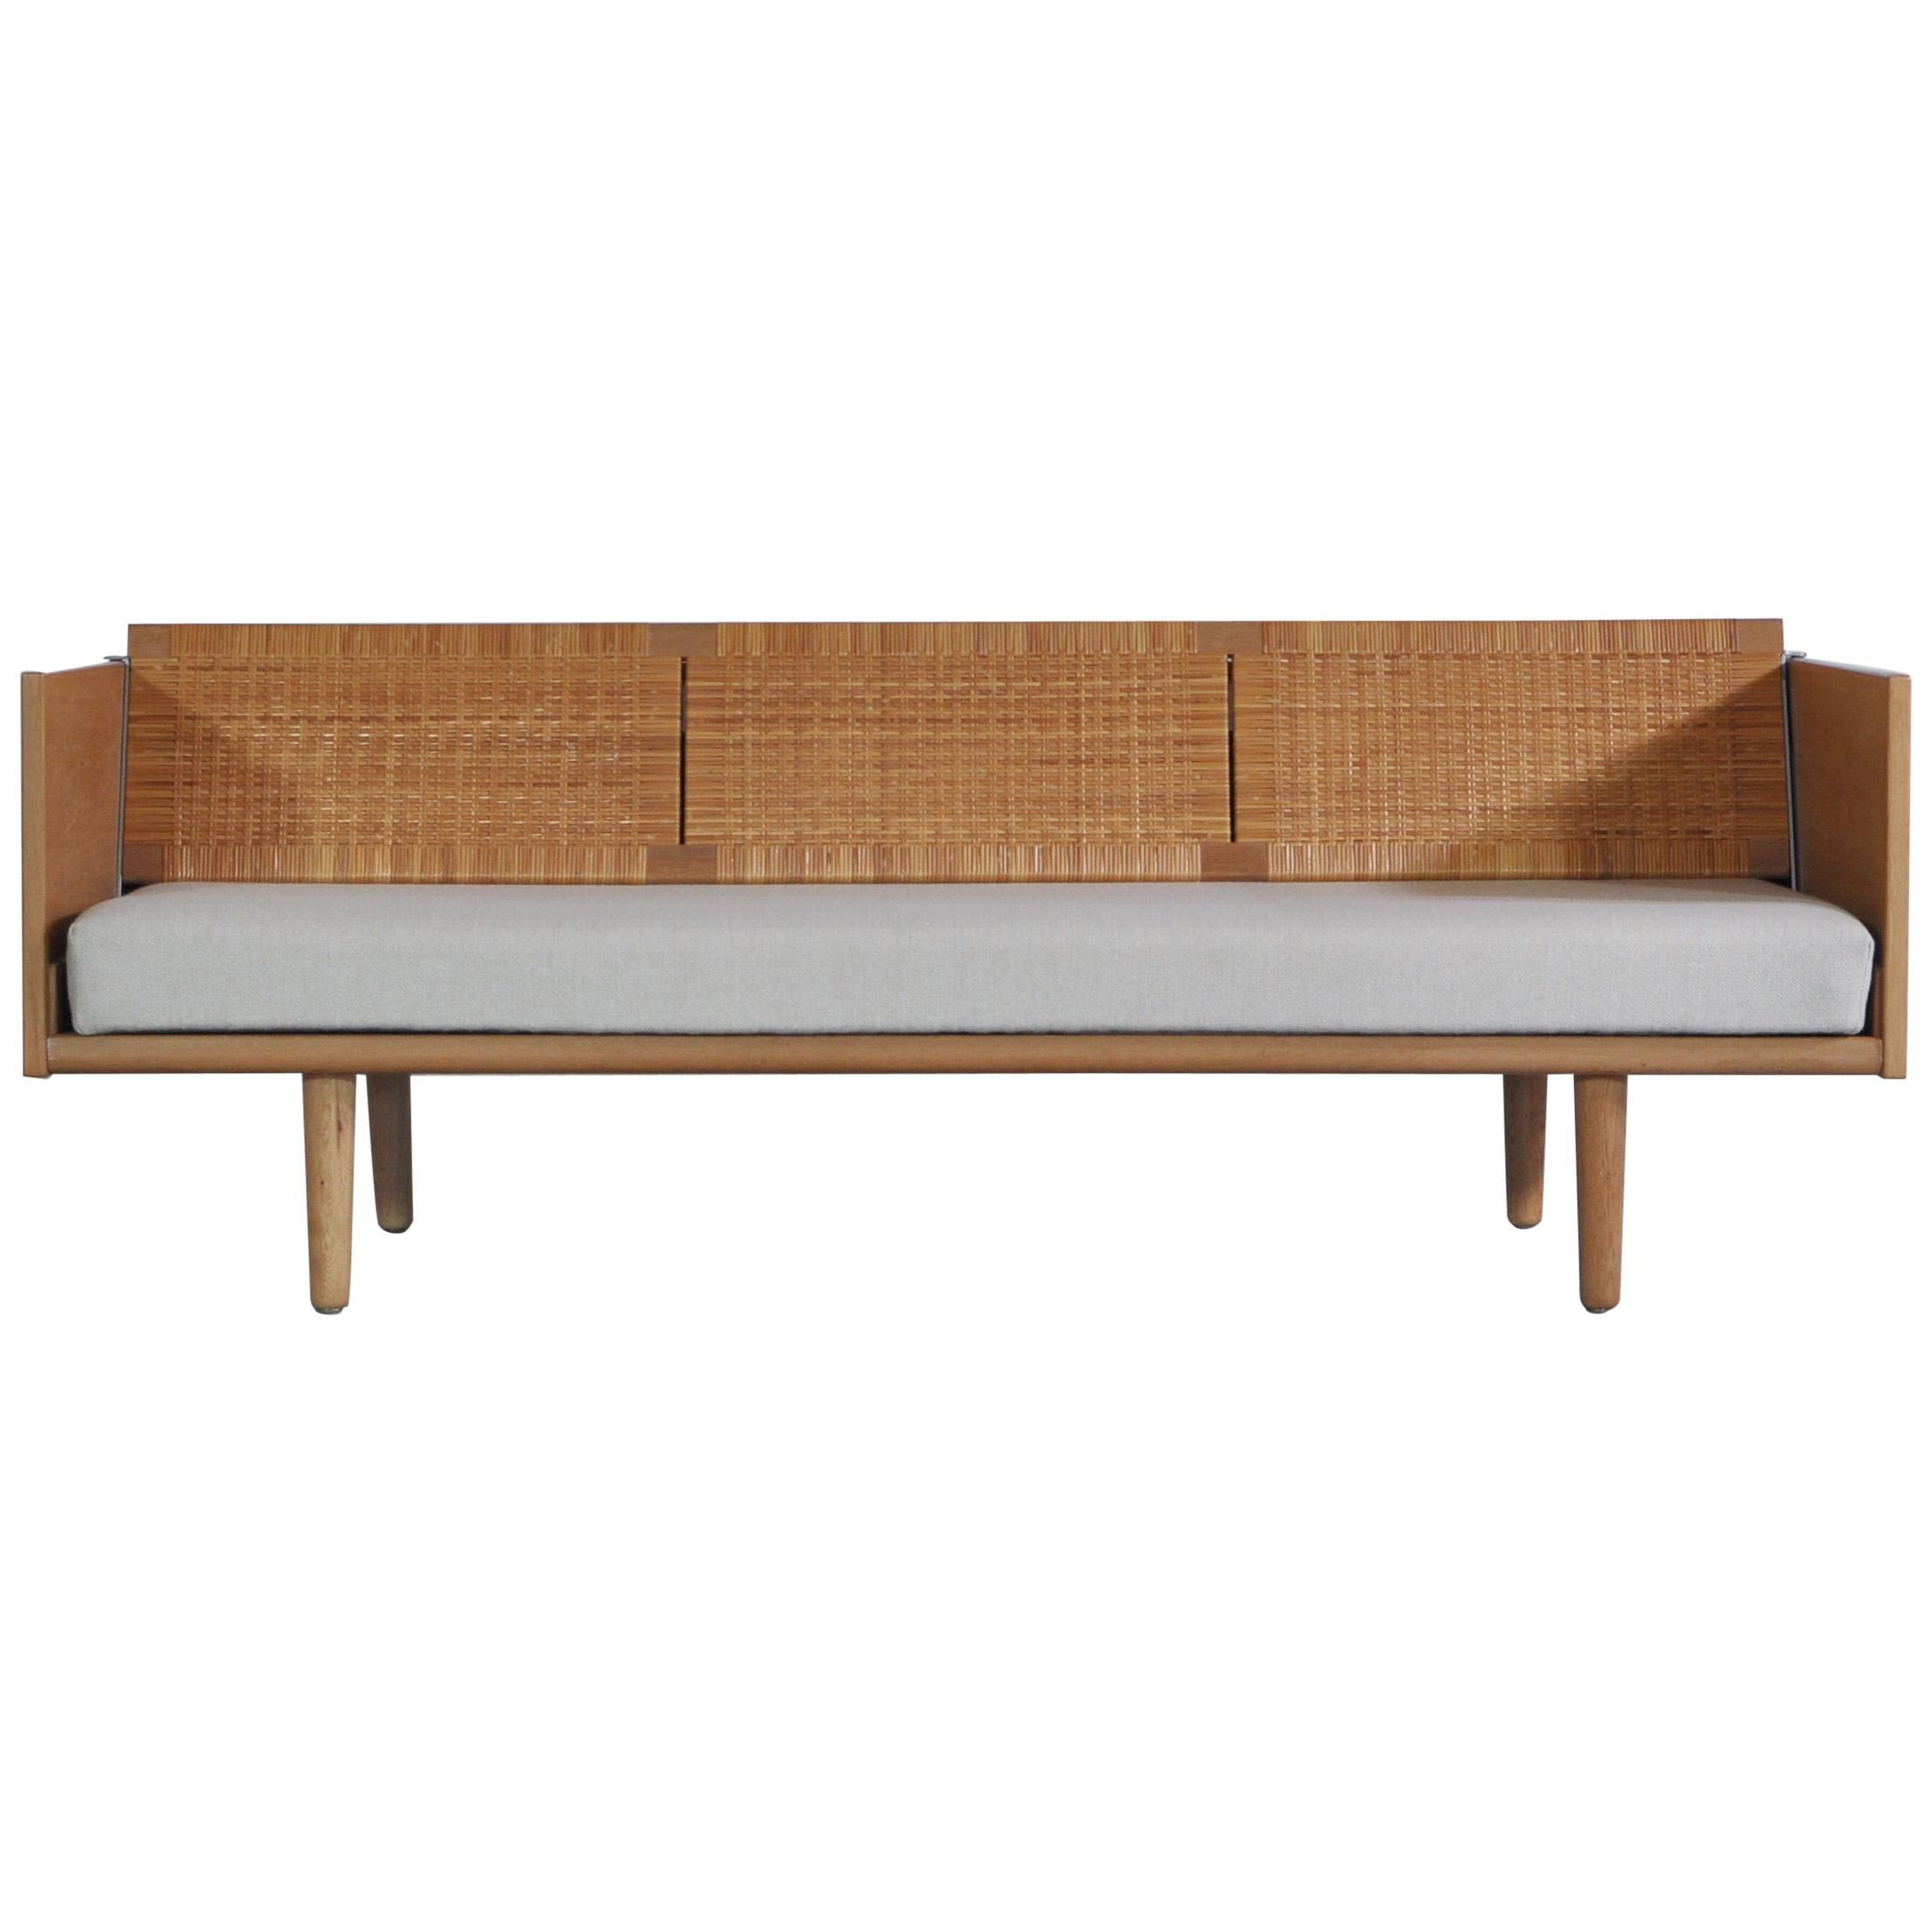 """Hans J. Wegner 1950s Danish Modern Daybed in Oak and Rattan """"GE7"""" Made at GETAMA"""